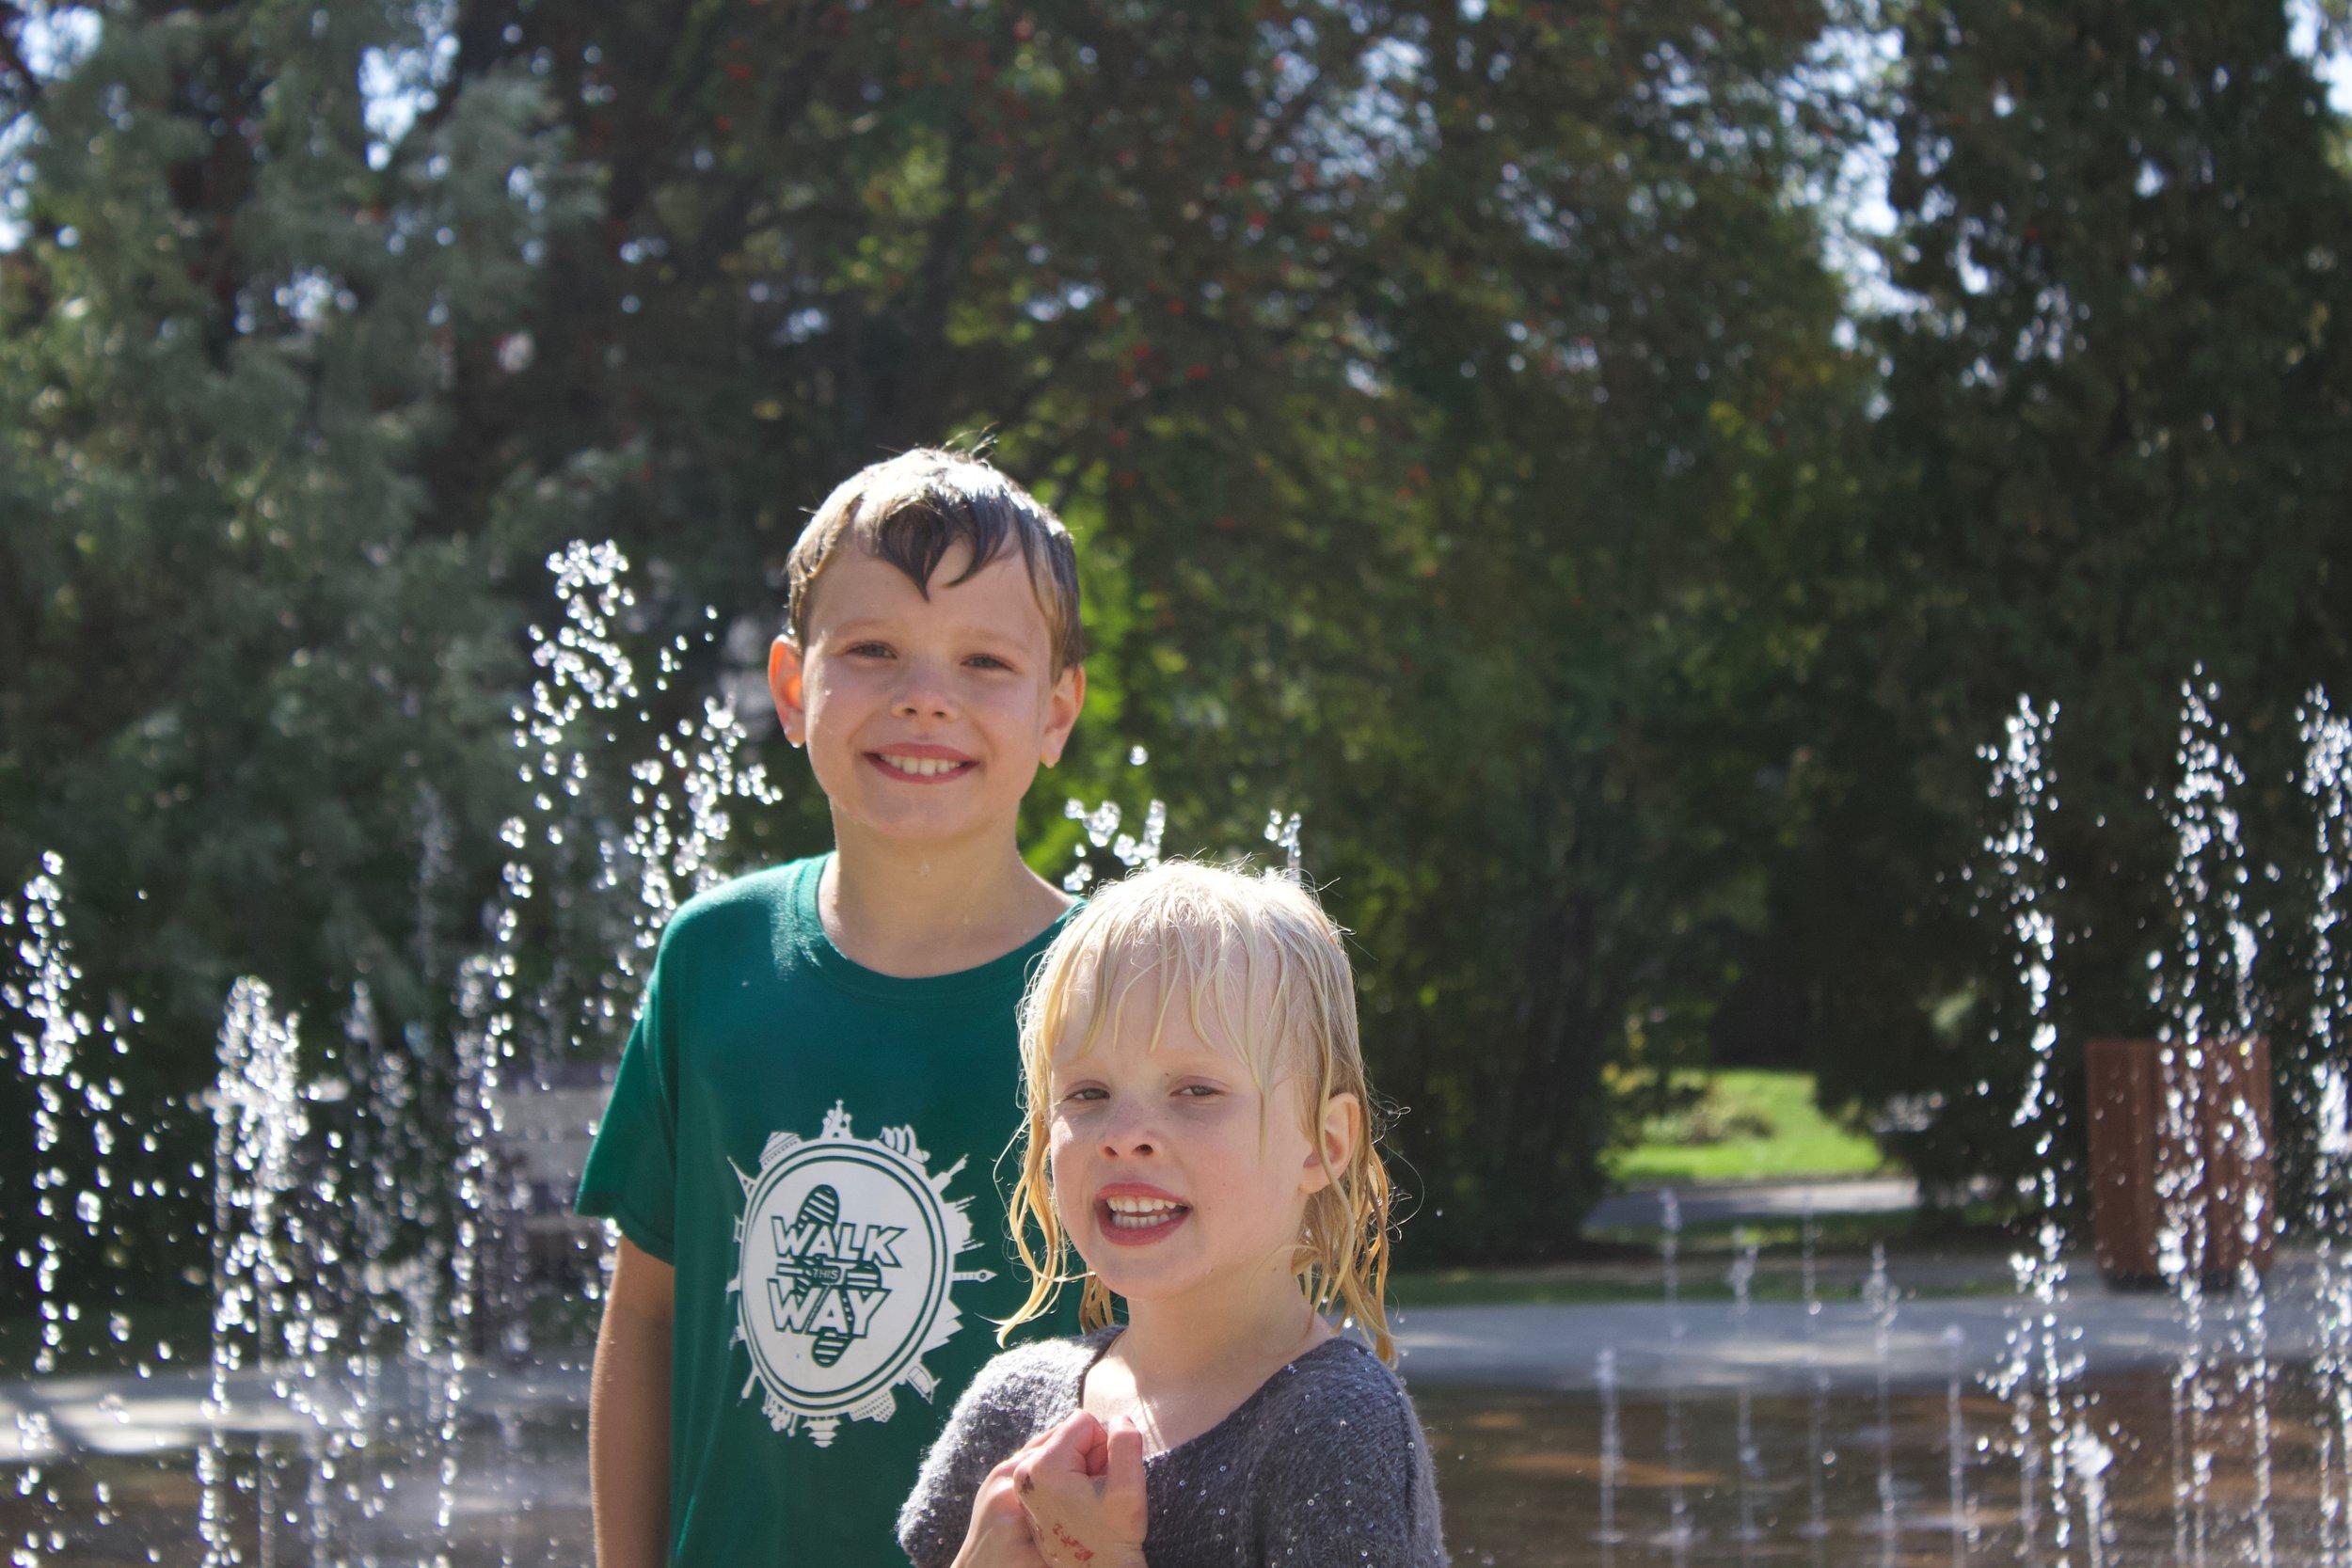 Believe it or not, Isaiah and Kiara in Edmonton a mere week before the snow hit!